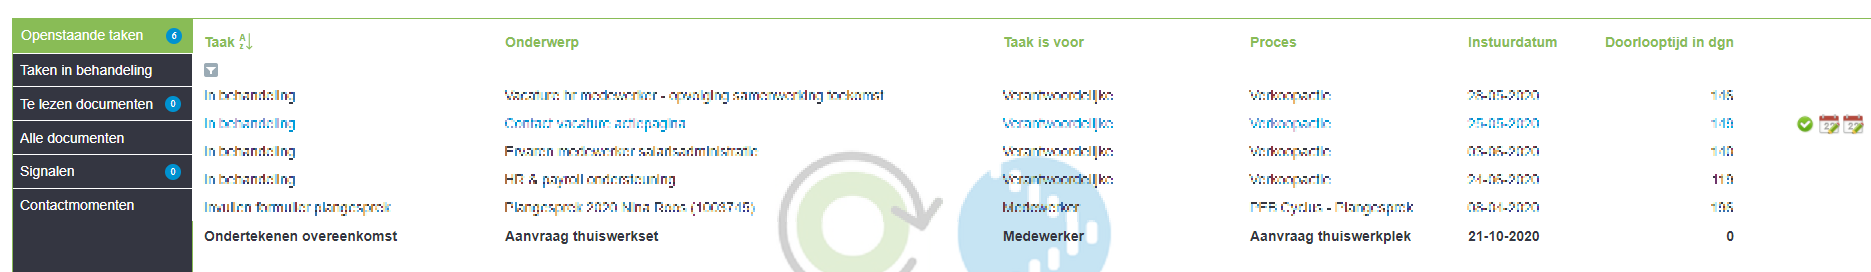 Workflow taak werkplek bestellen